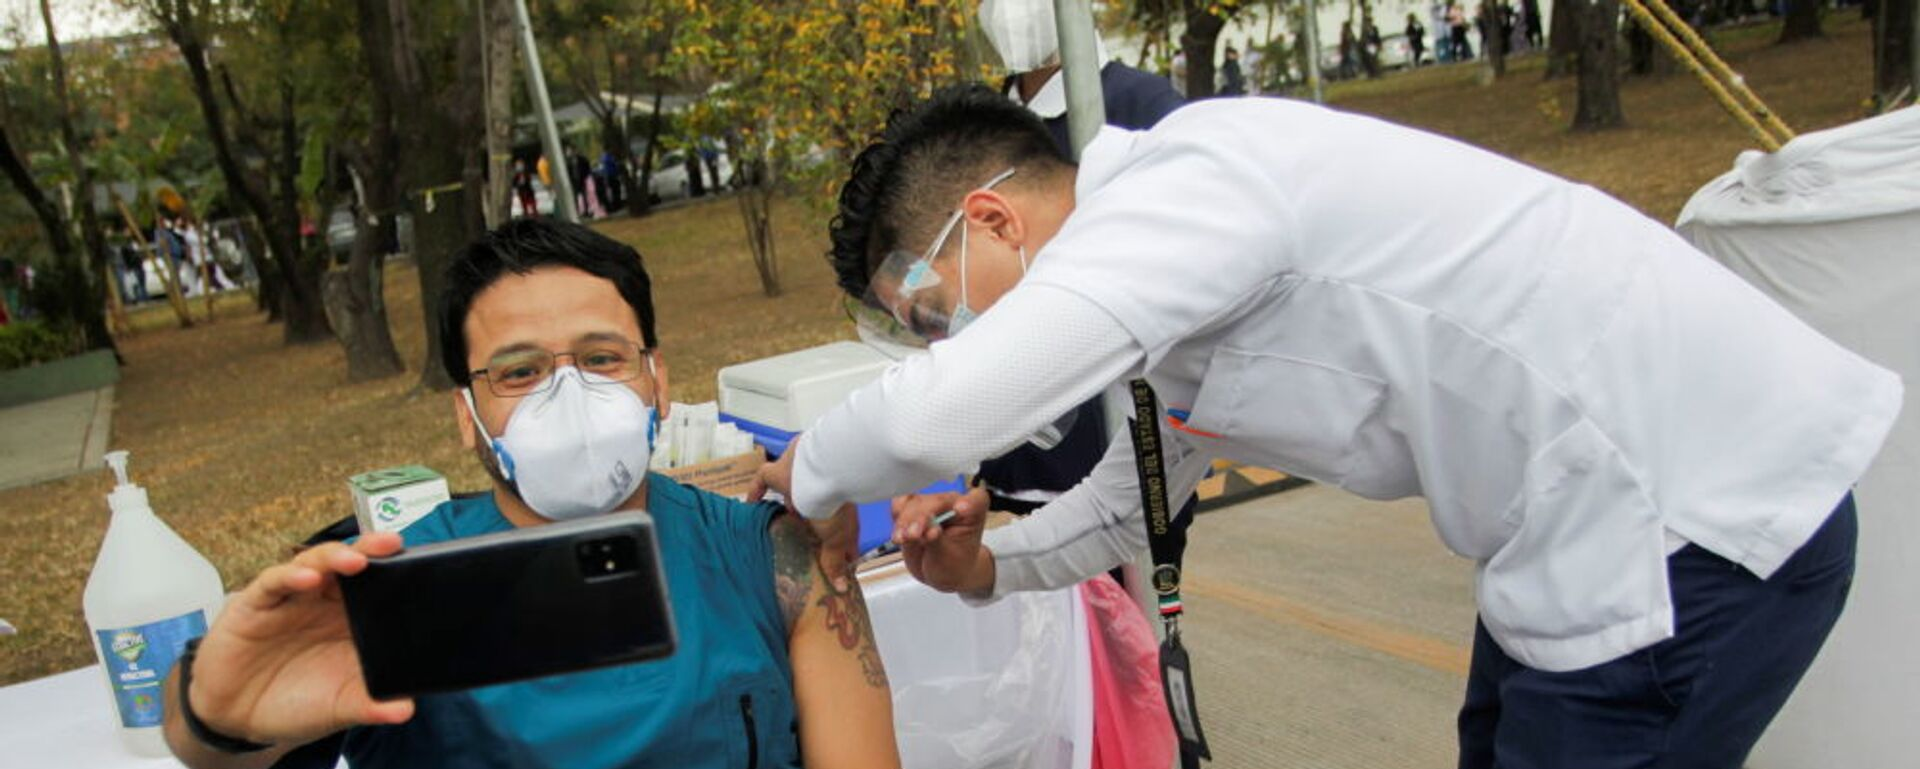 Фельдшер делает селфи во время вакцинации от COVID-19 в военном госпитале в Сан-Николас-де-лос-Гарса, Мексика - Sputnik Таджикистан, 1920, 27.05.2021